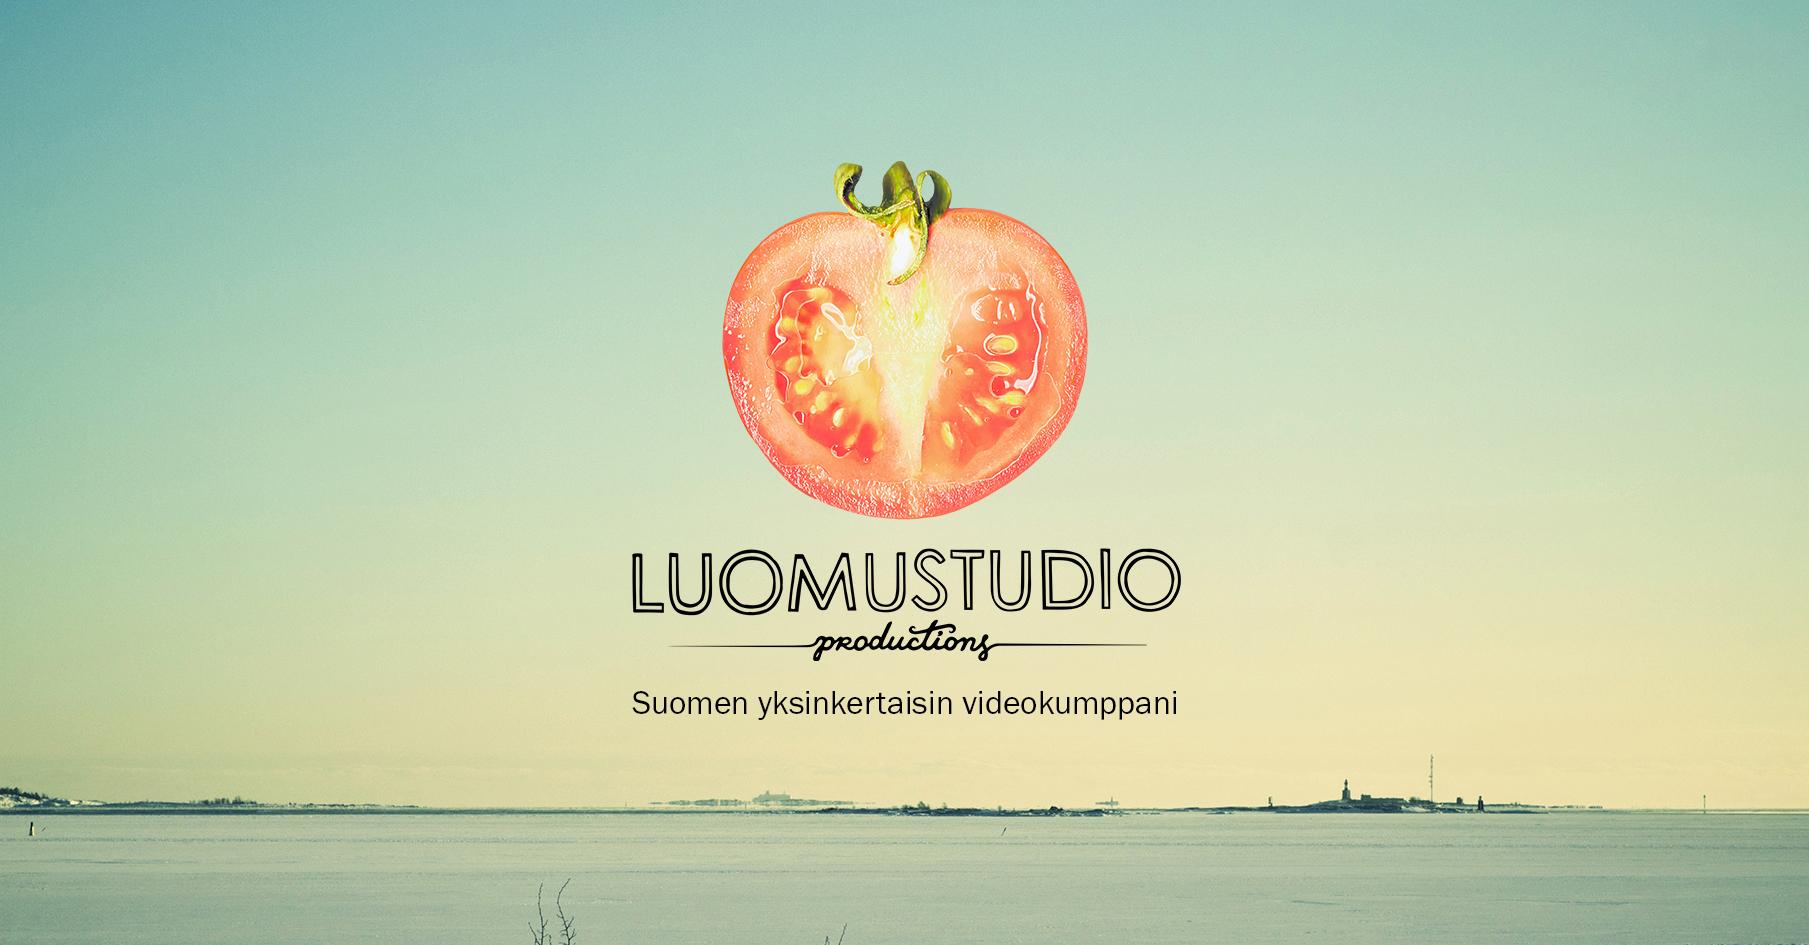 Merimaisema - Videotuotantoyhtiö Luomustudio Productions Helsinki